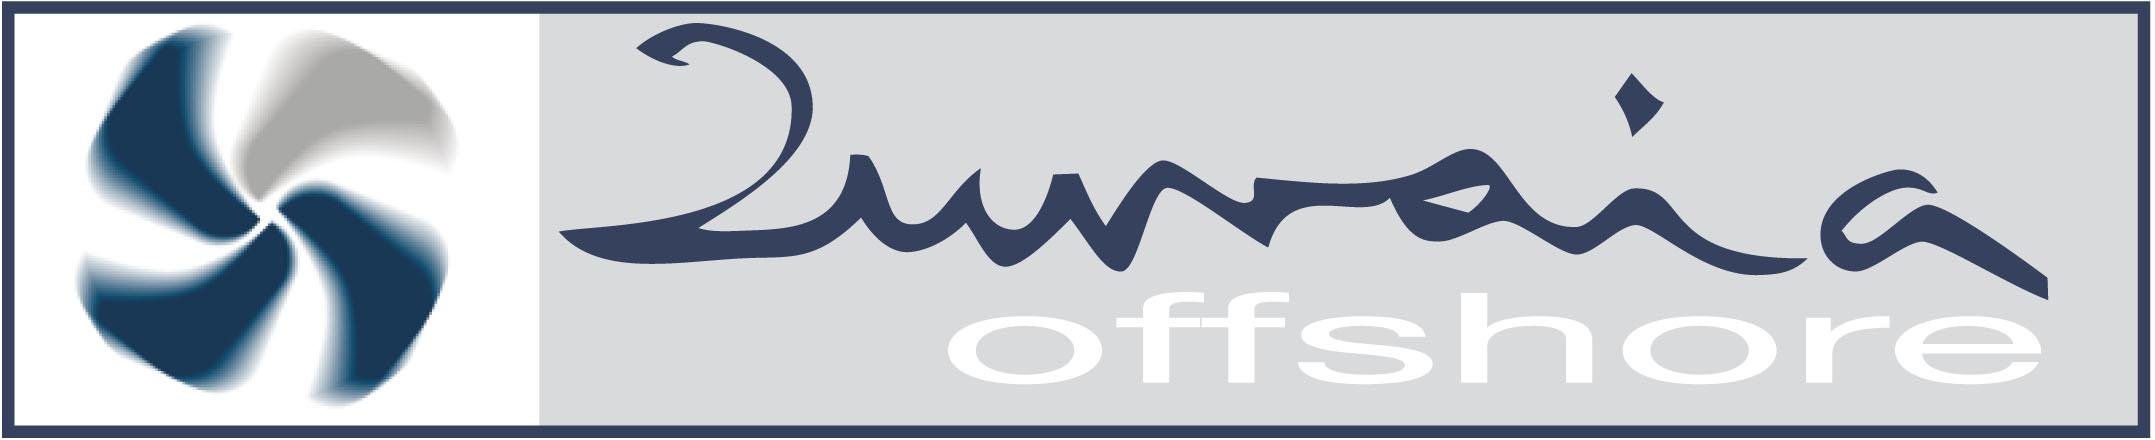 Zumaia Offshore